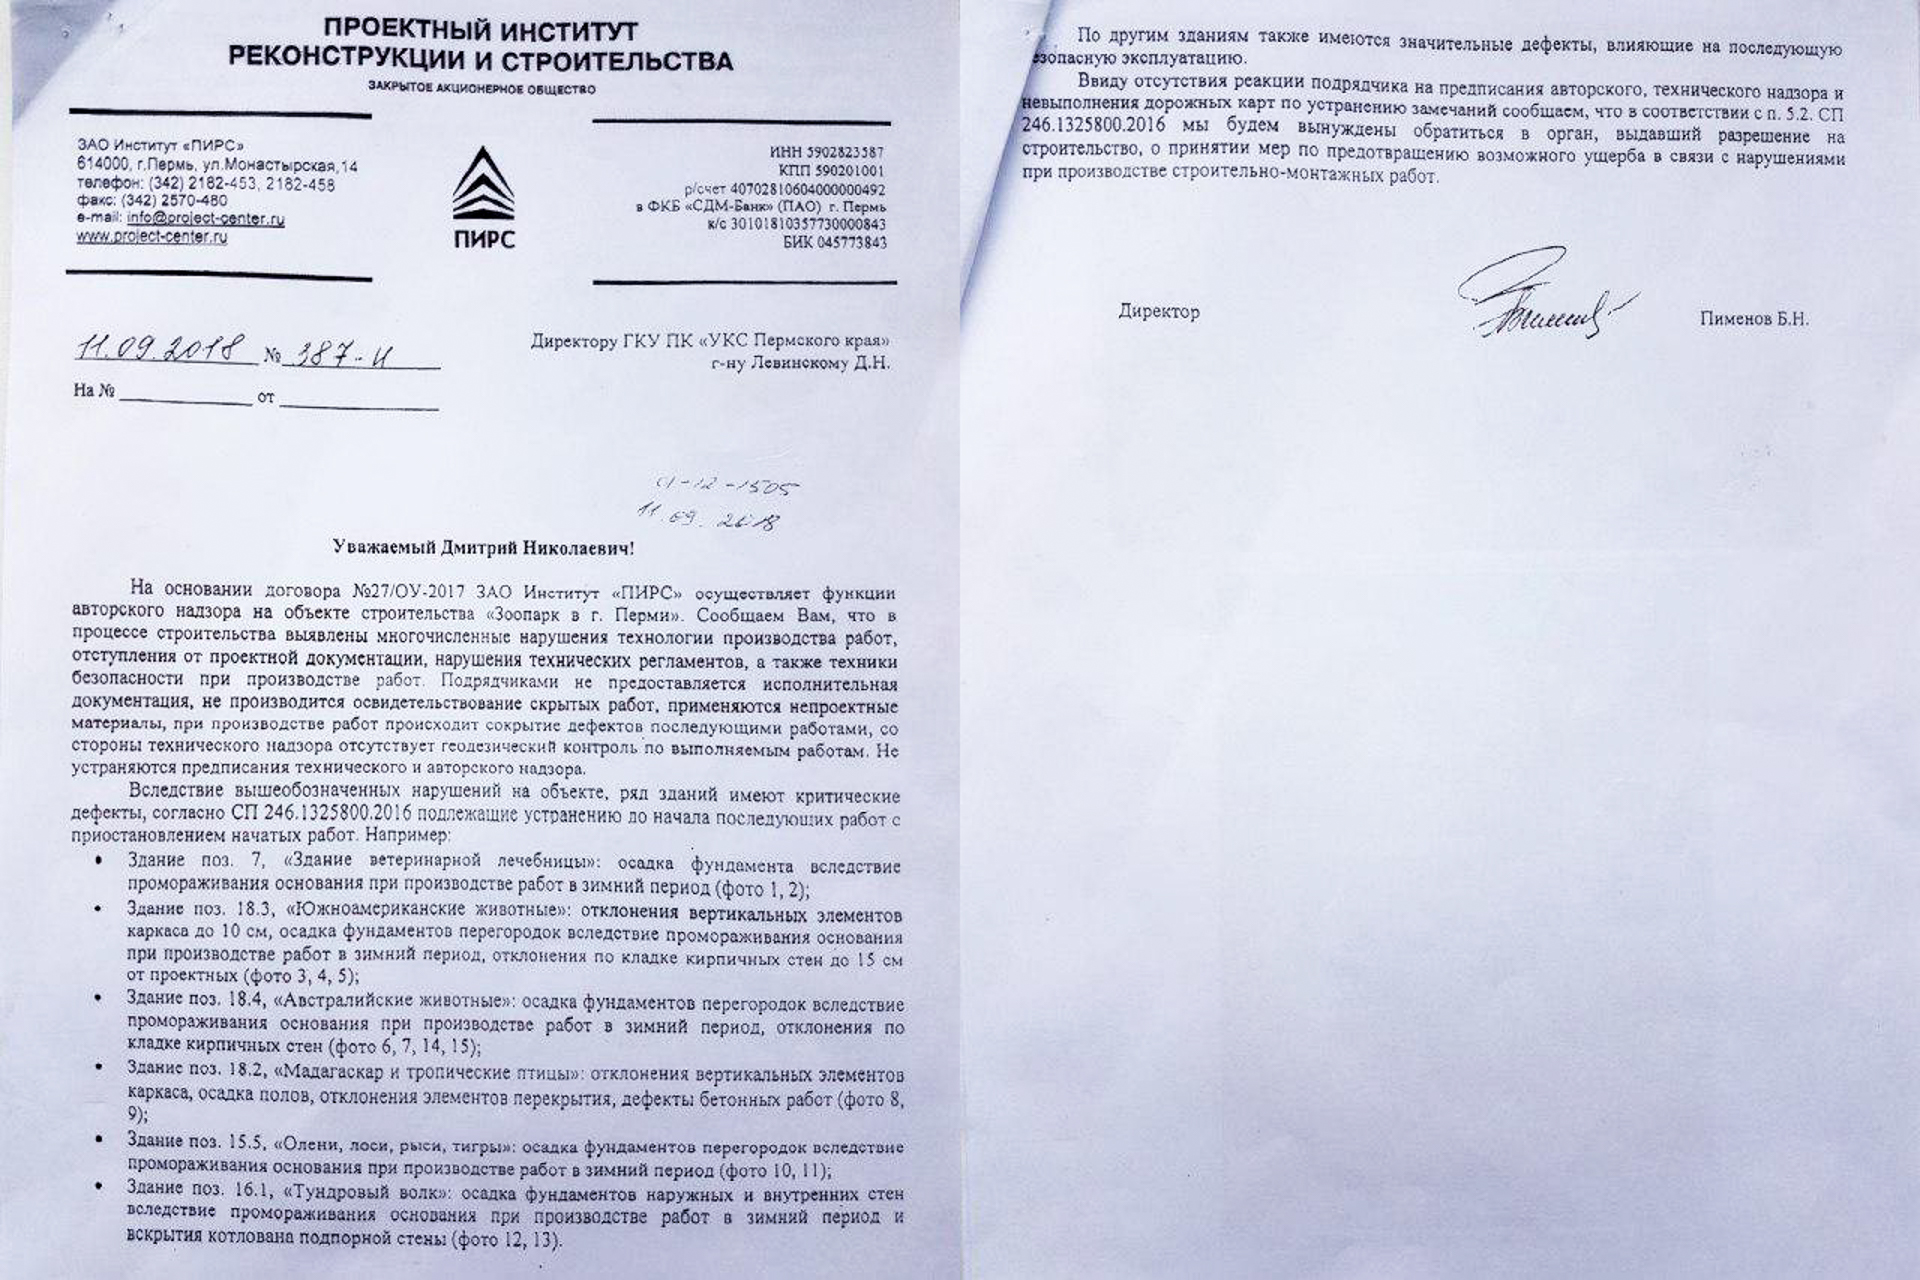 Письмо с указаниями нарушений строительства